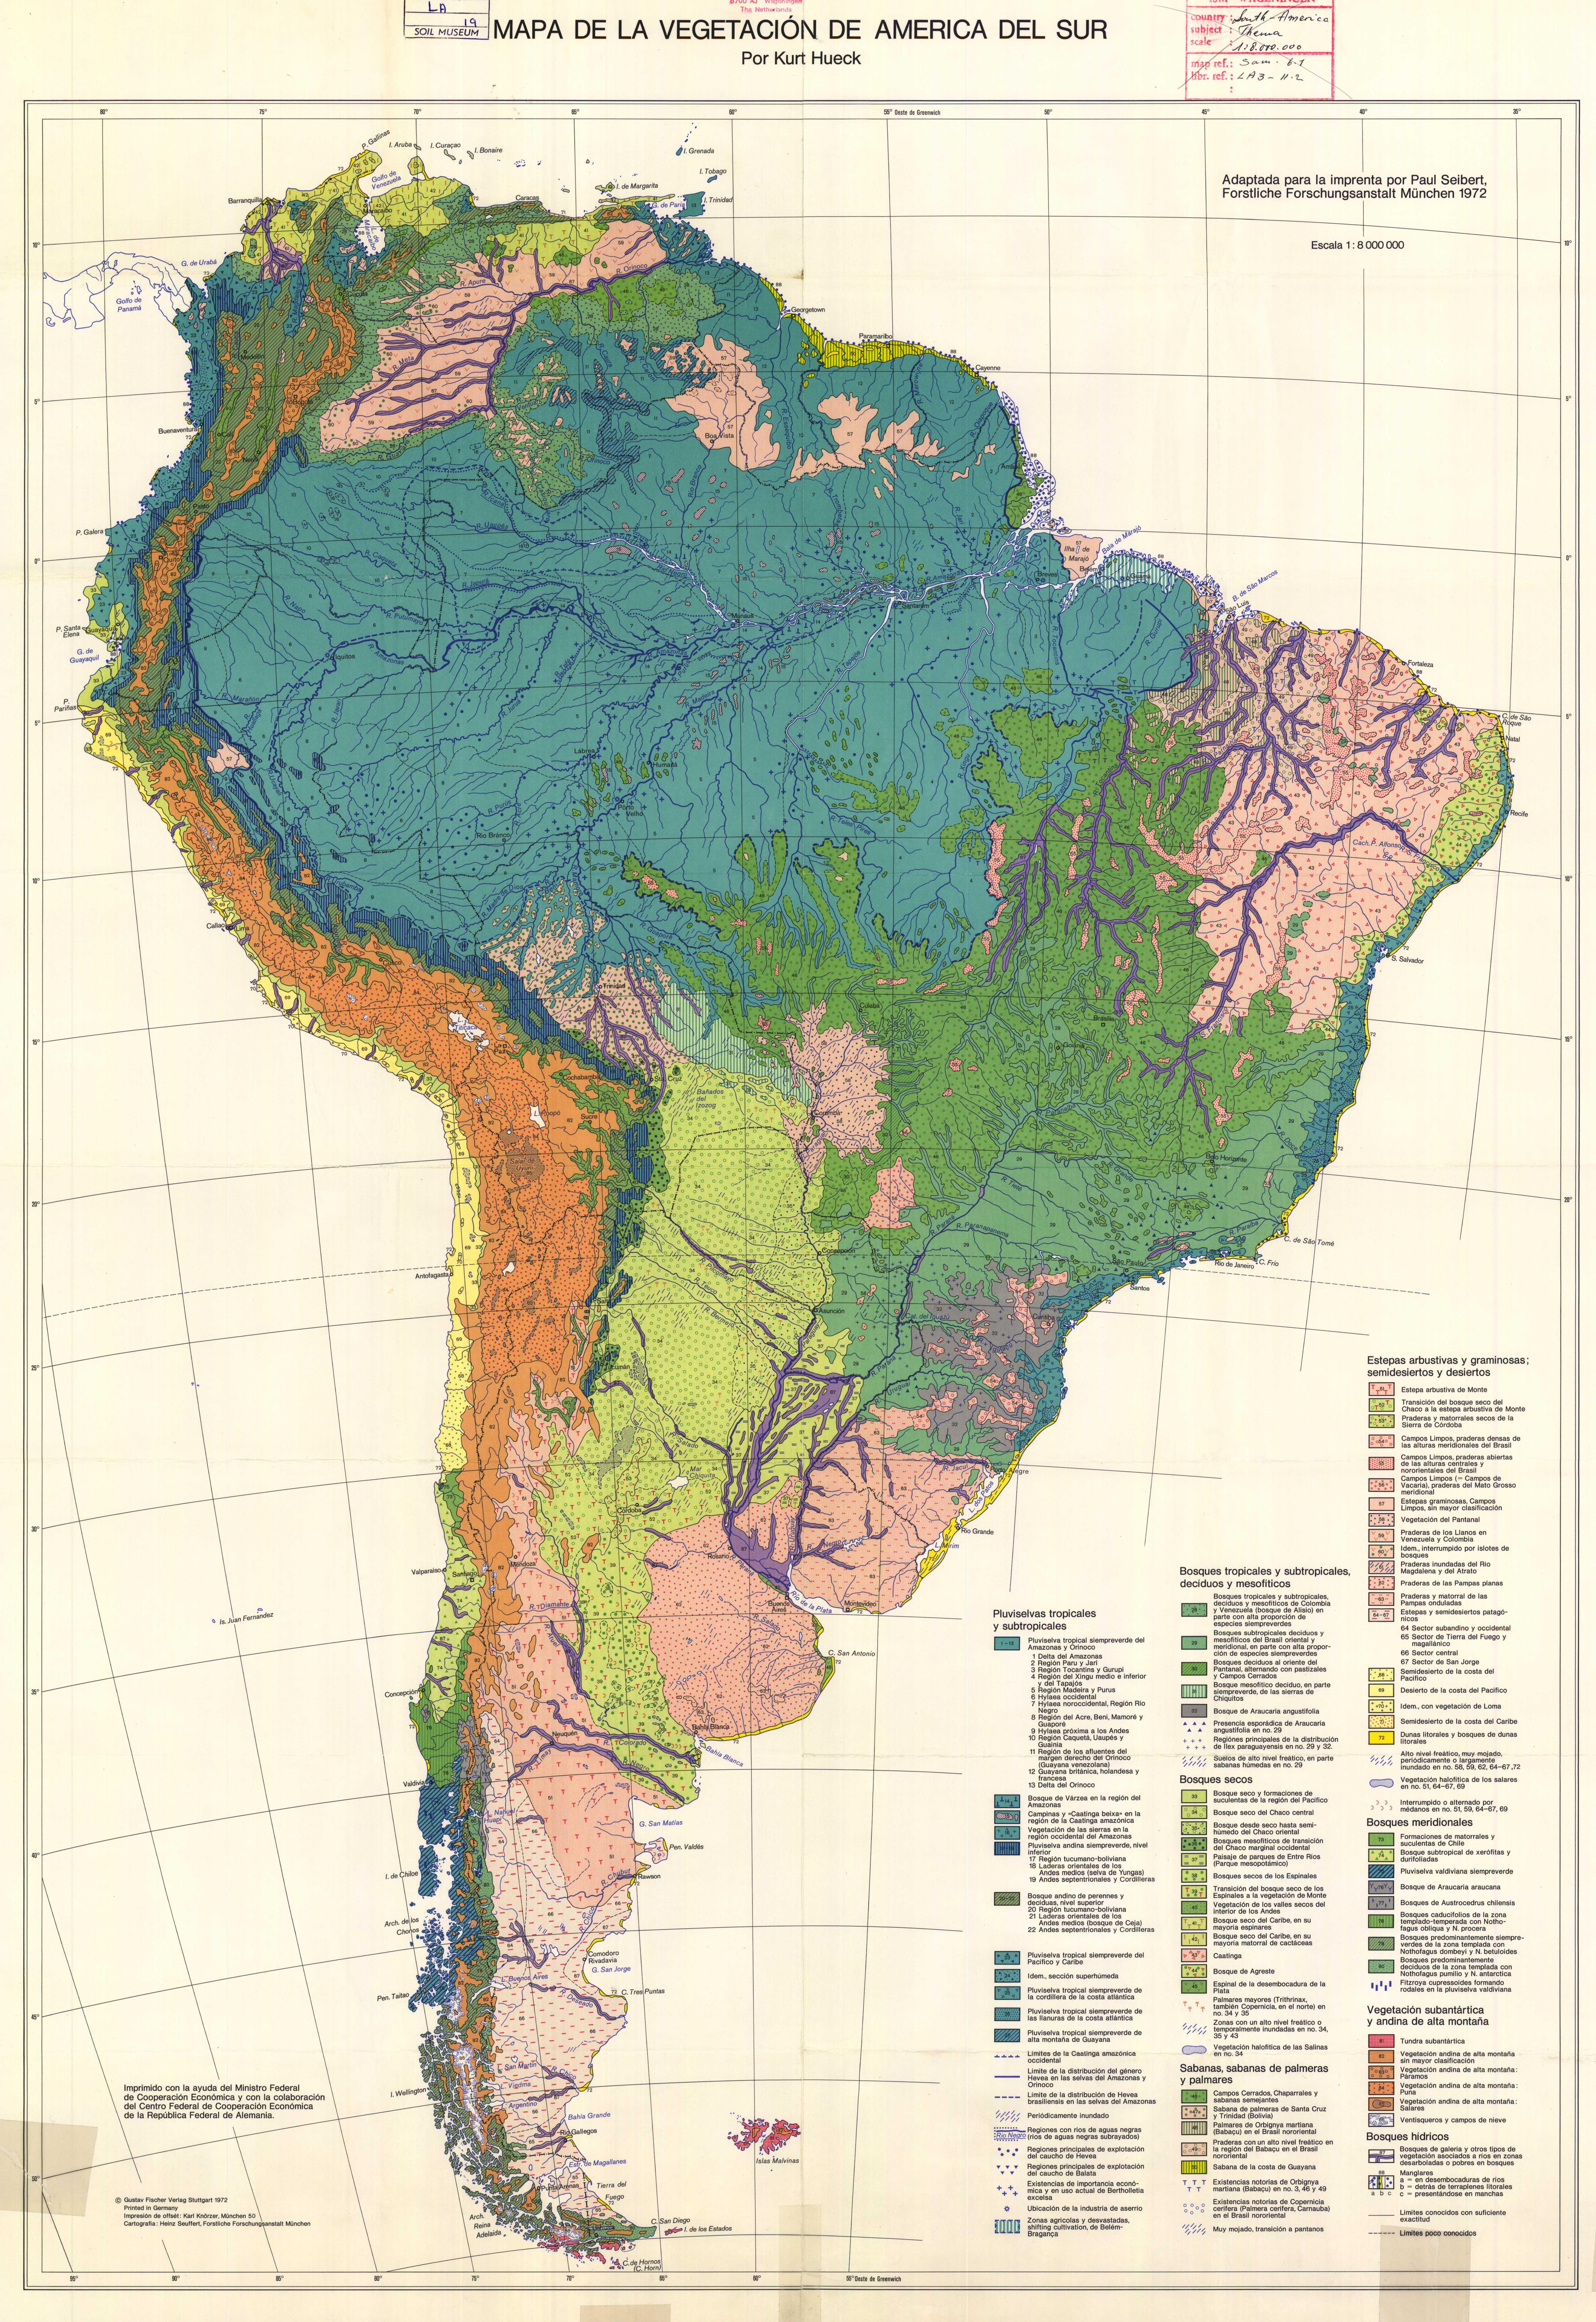 Mapa de la Vegetación de America Del Sur. - ESDAC - European Commission